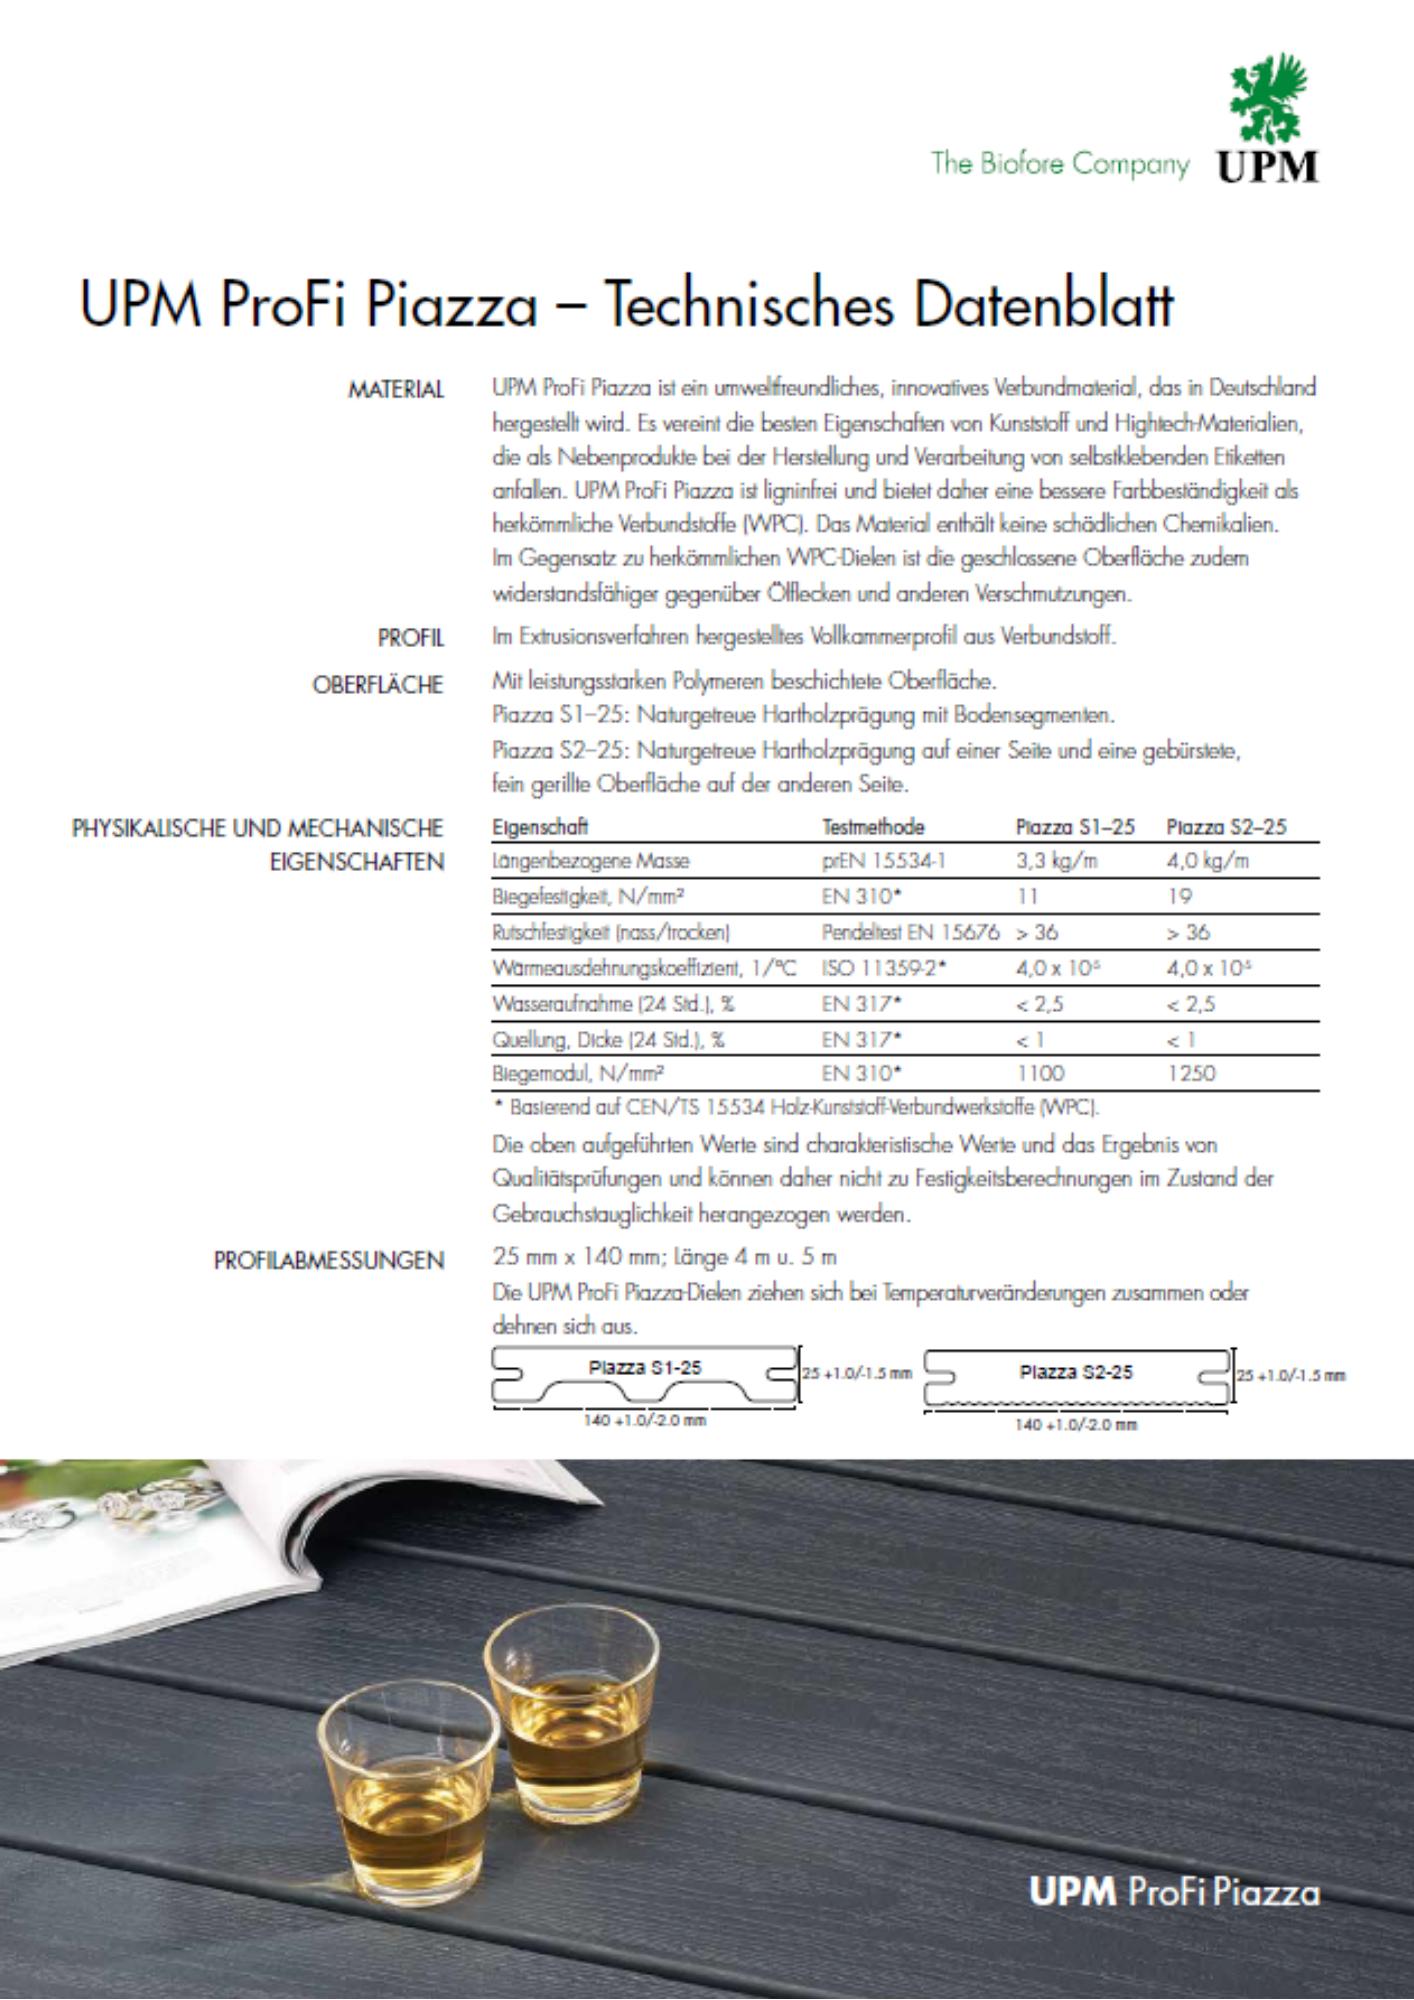 UPM Profi Piazza műszaki leírás